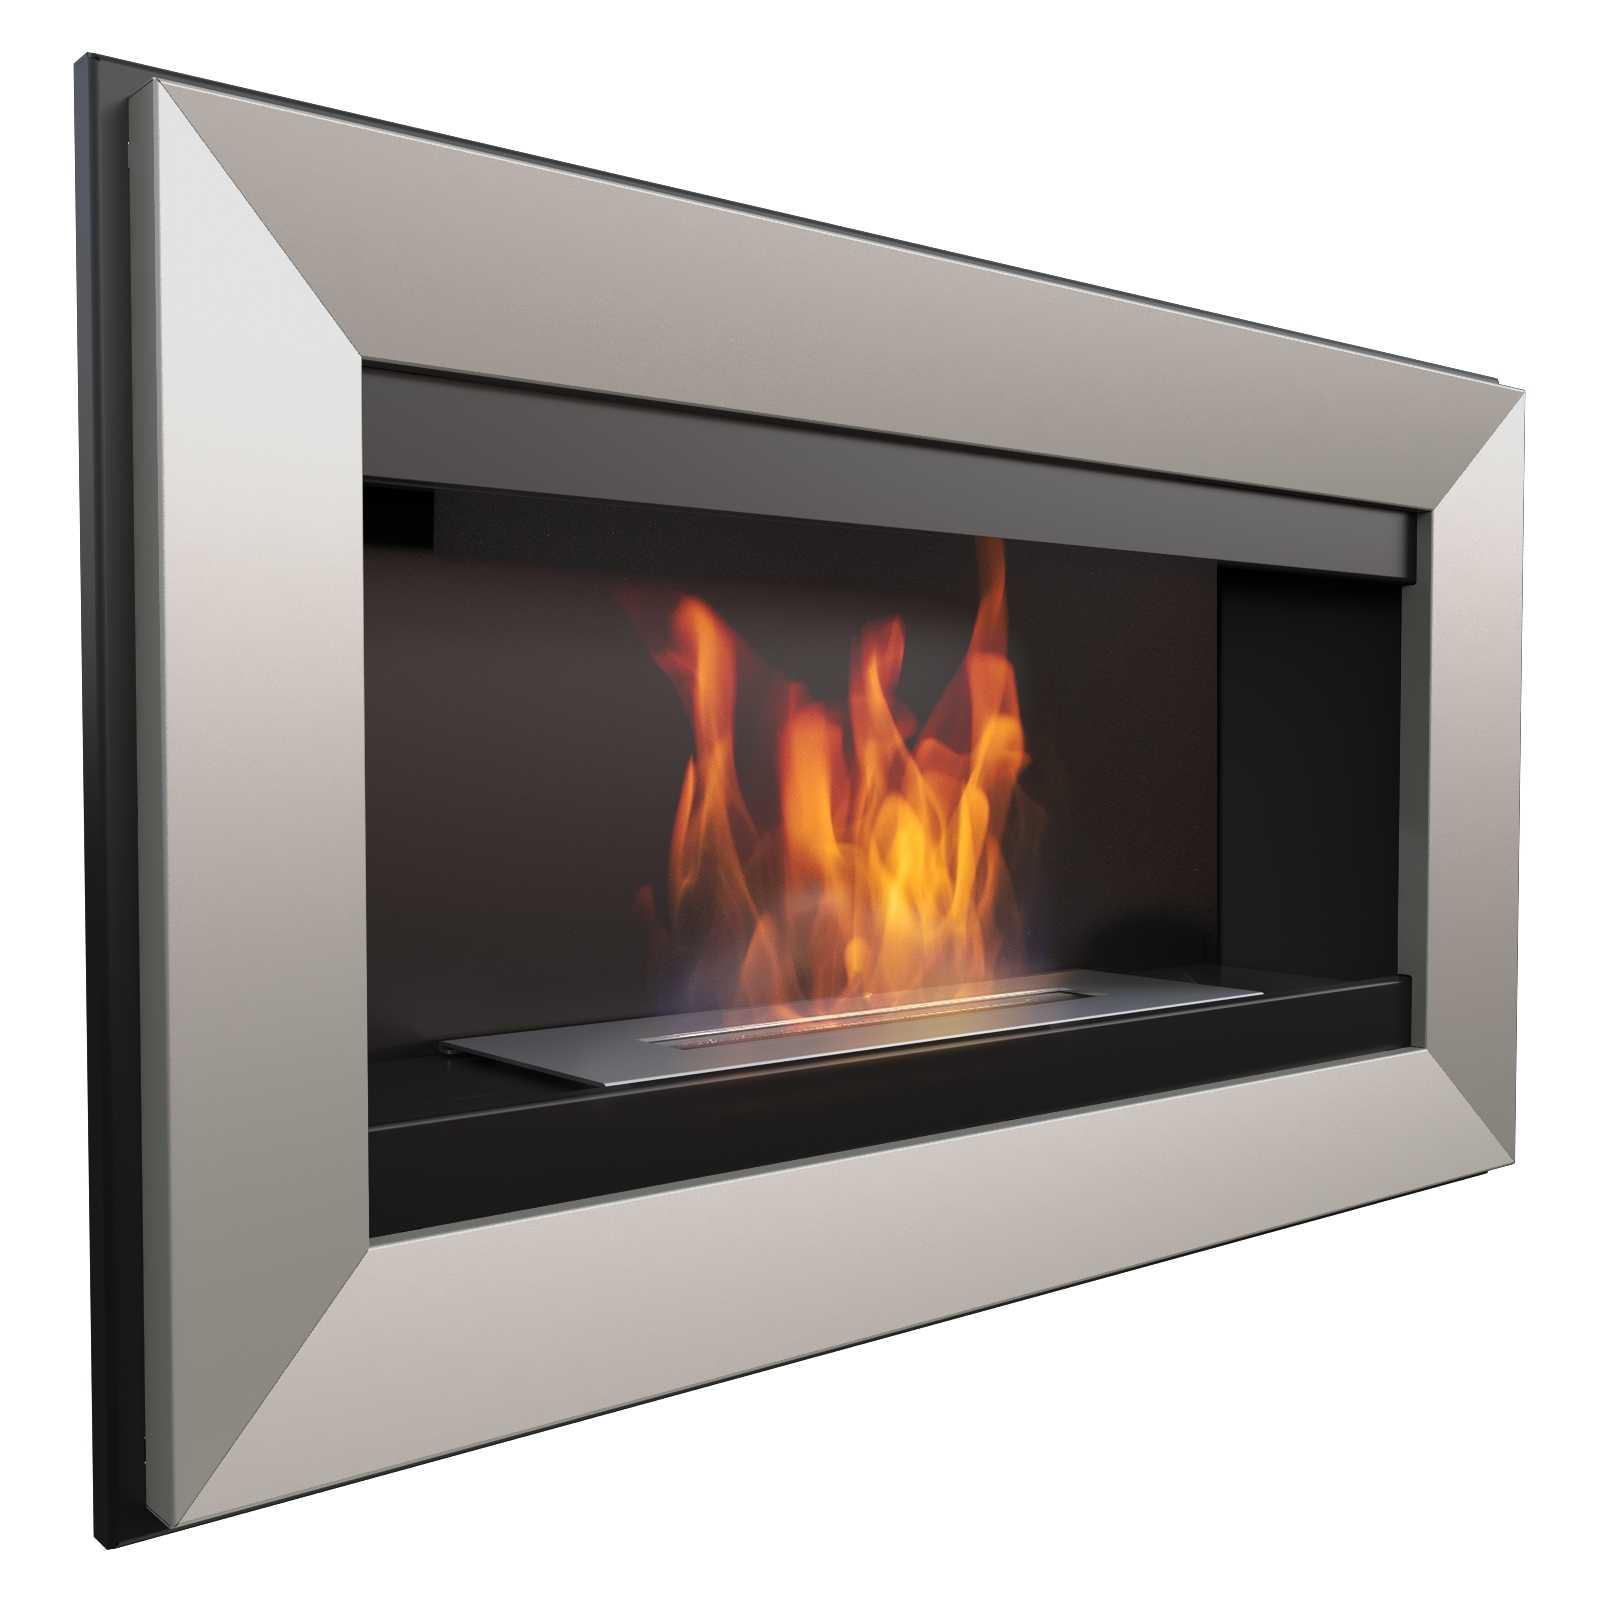 ethanol wandkamin charlie satin 2 5 kw 880 mm lang www. Black Bedroom Furniture Sets. Home Design Ideas